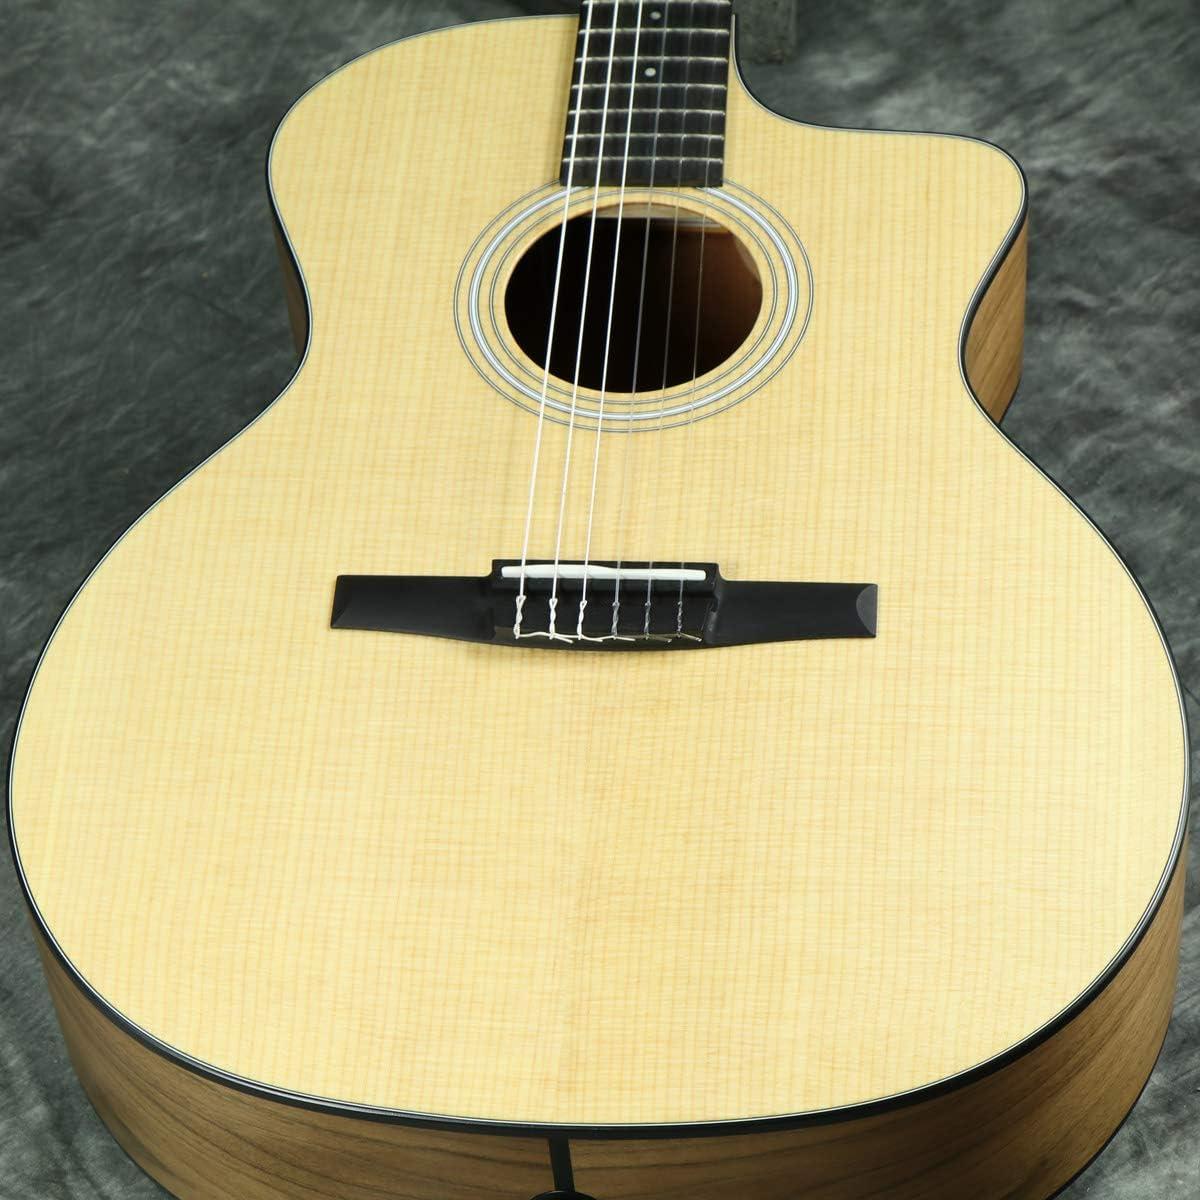 Taylor / 114ce-Nylon Walnut テイラー ガットギター エレガット ナイロンストリングス 114ce-N